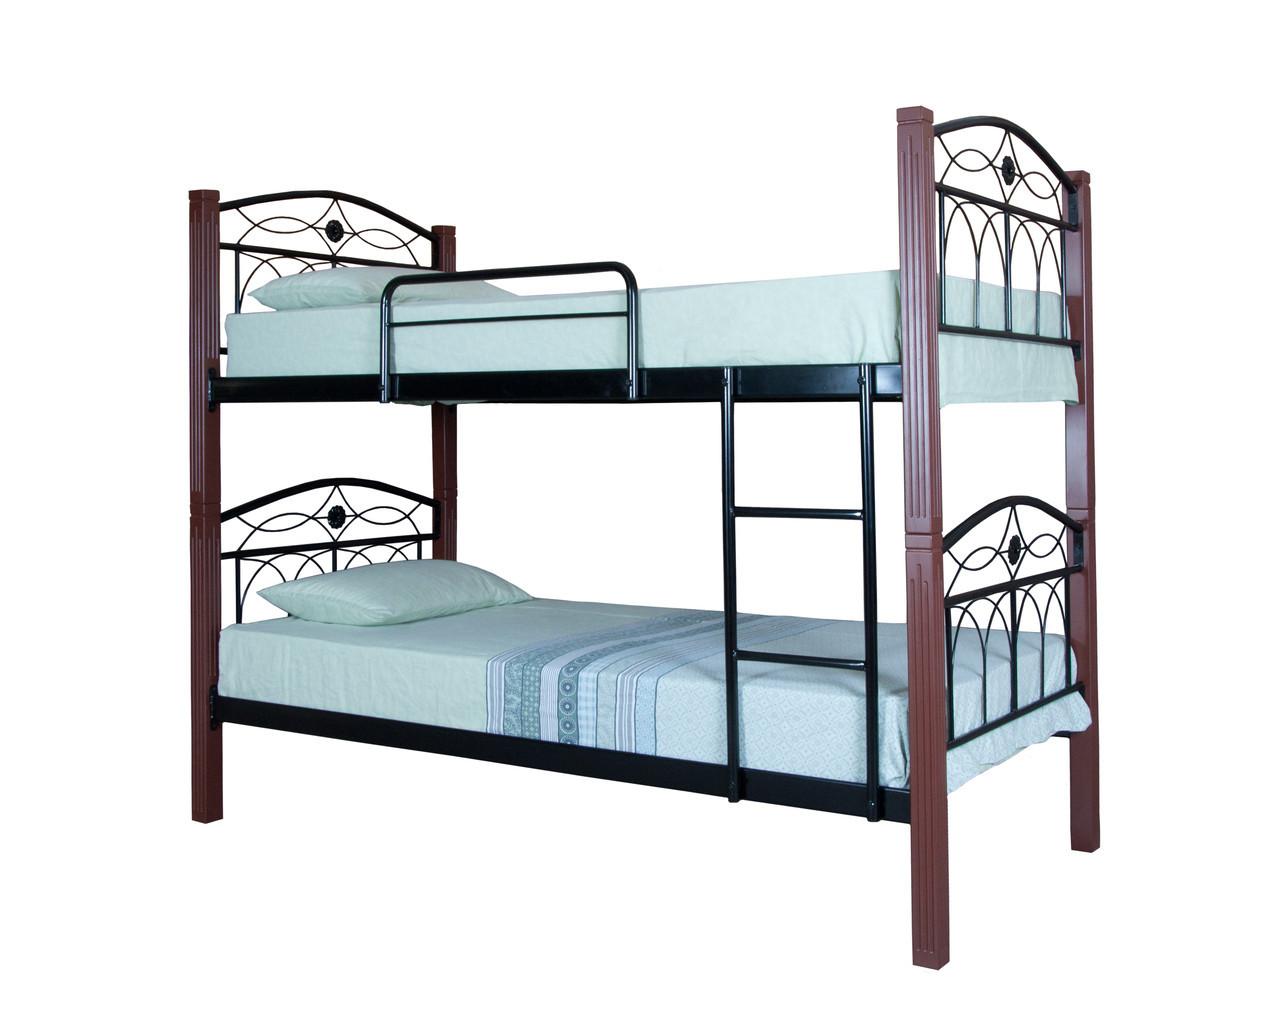 Кровать Элизабет двухъярусная  200х90, коричневая